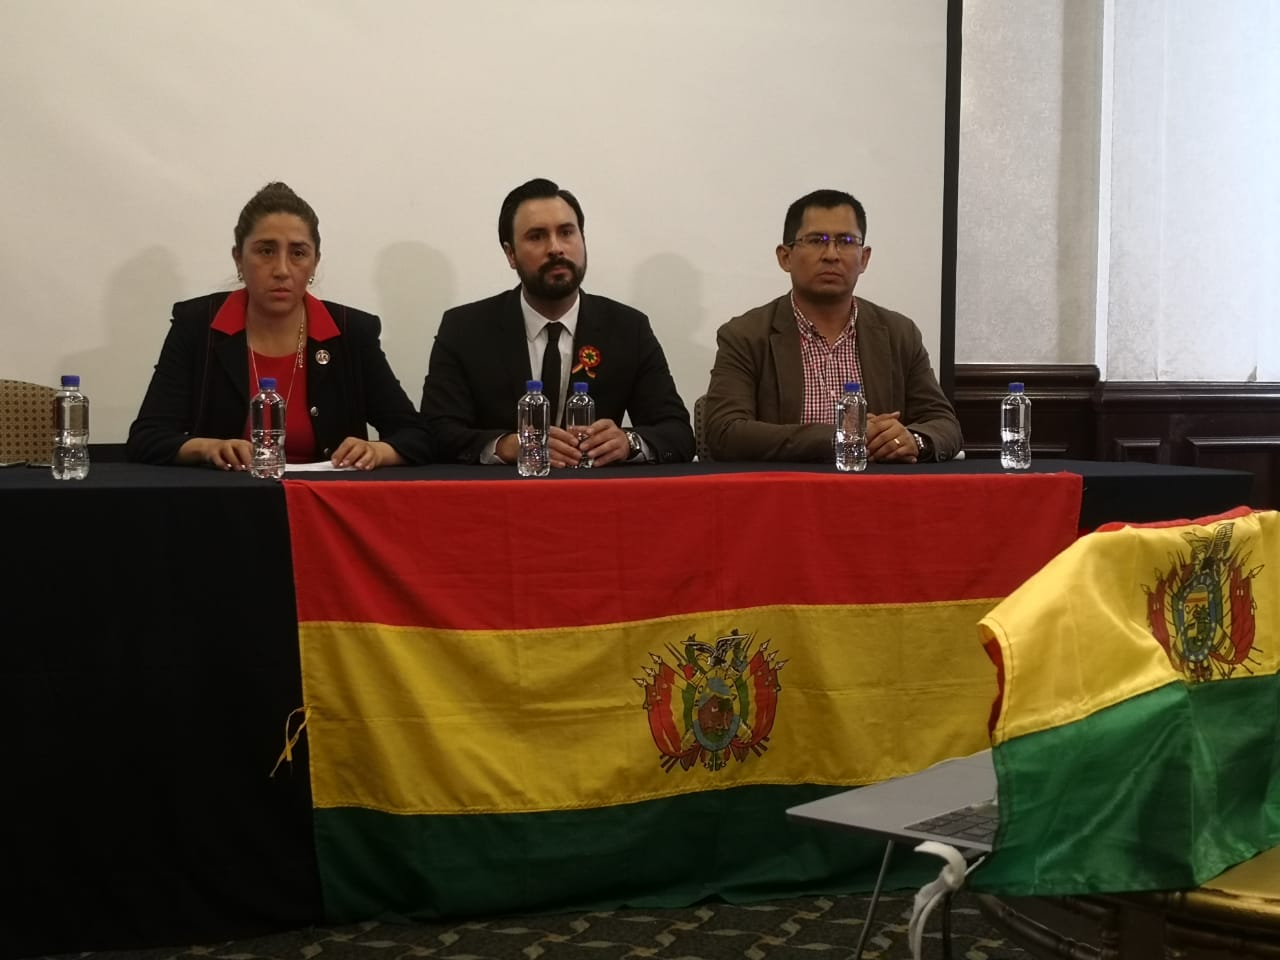 VIDEO: COMUNIDAD BOLIVIANA EN MÉXICO DESCARTA QUE HAYA UN GOLPE DE ESTADO